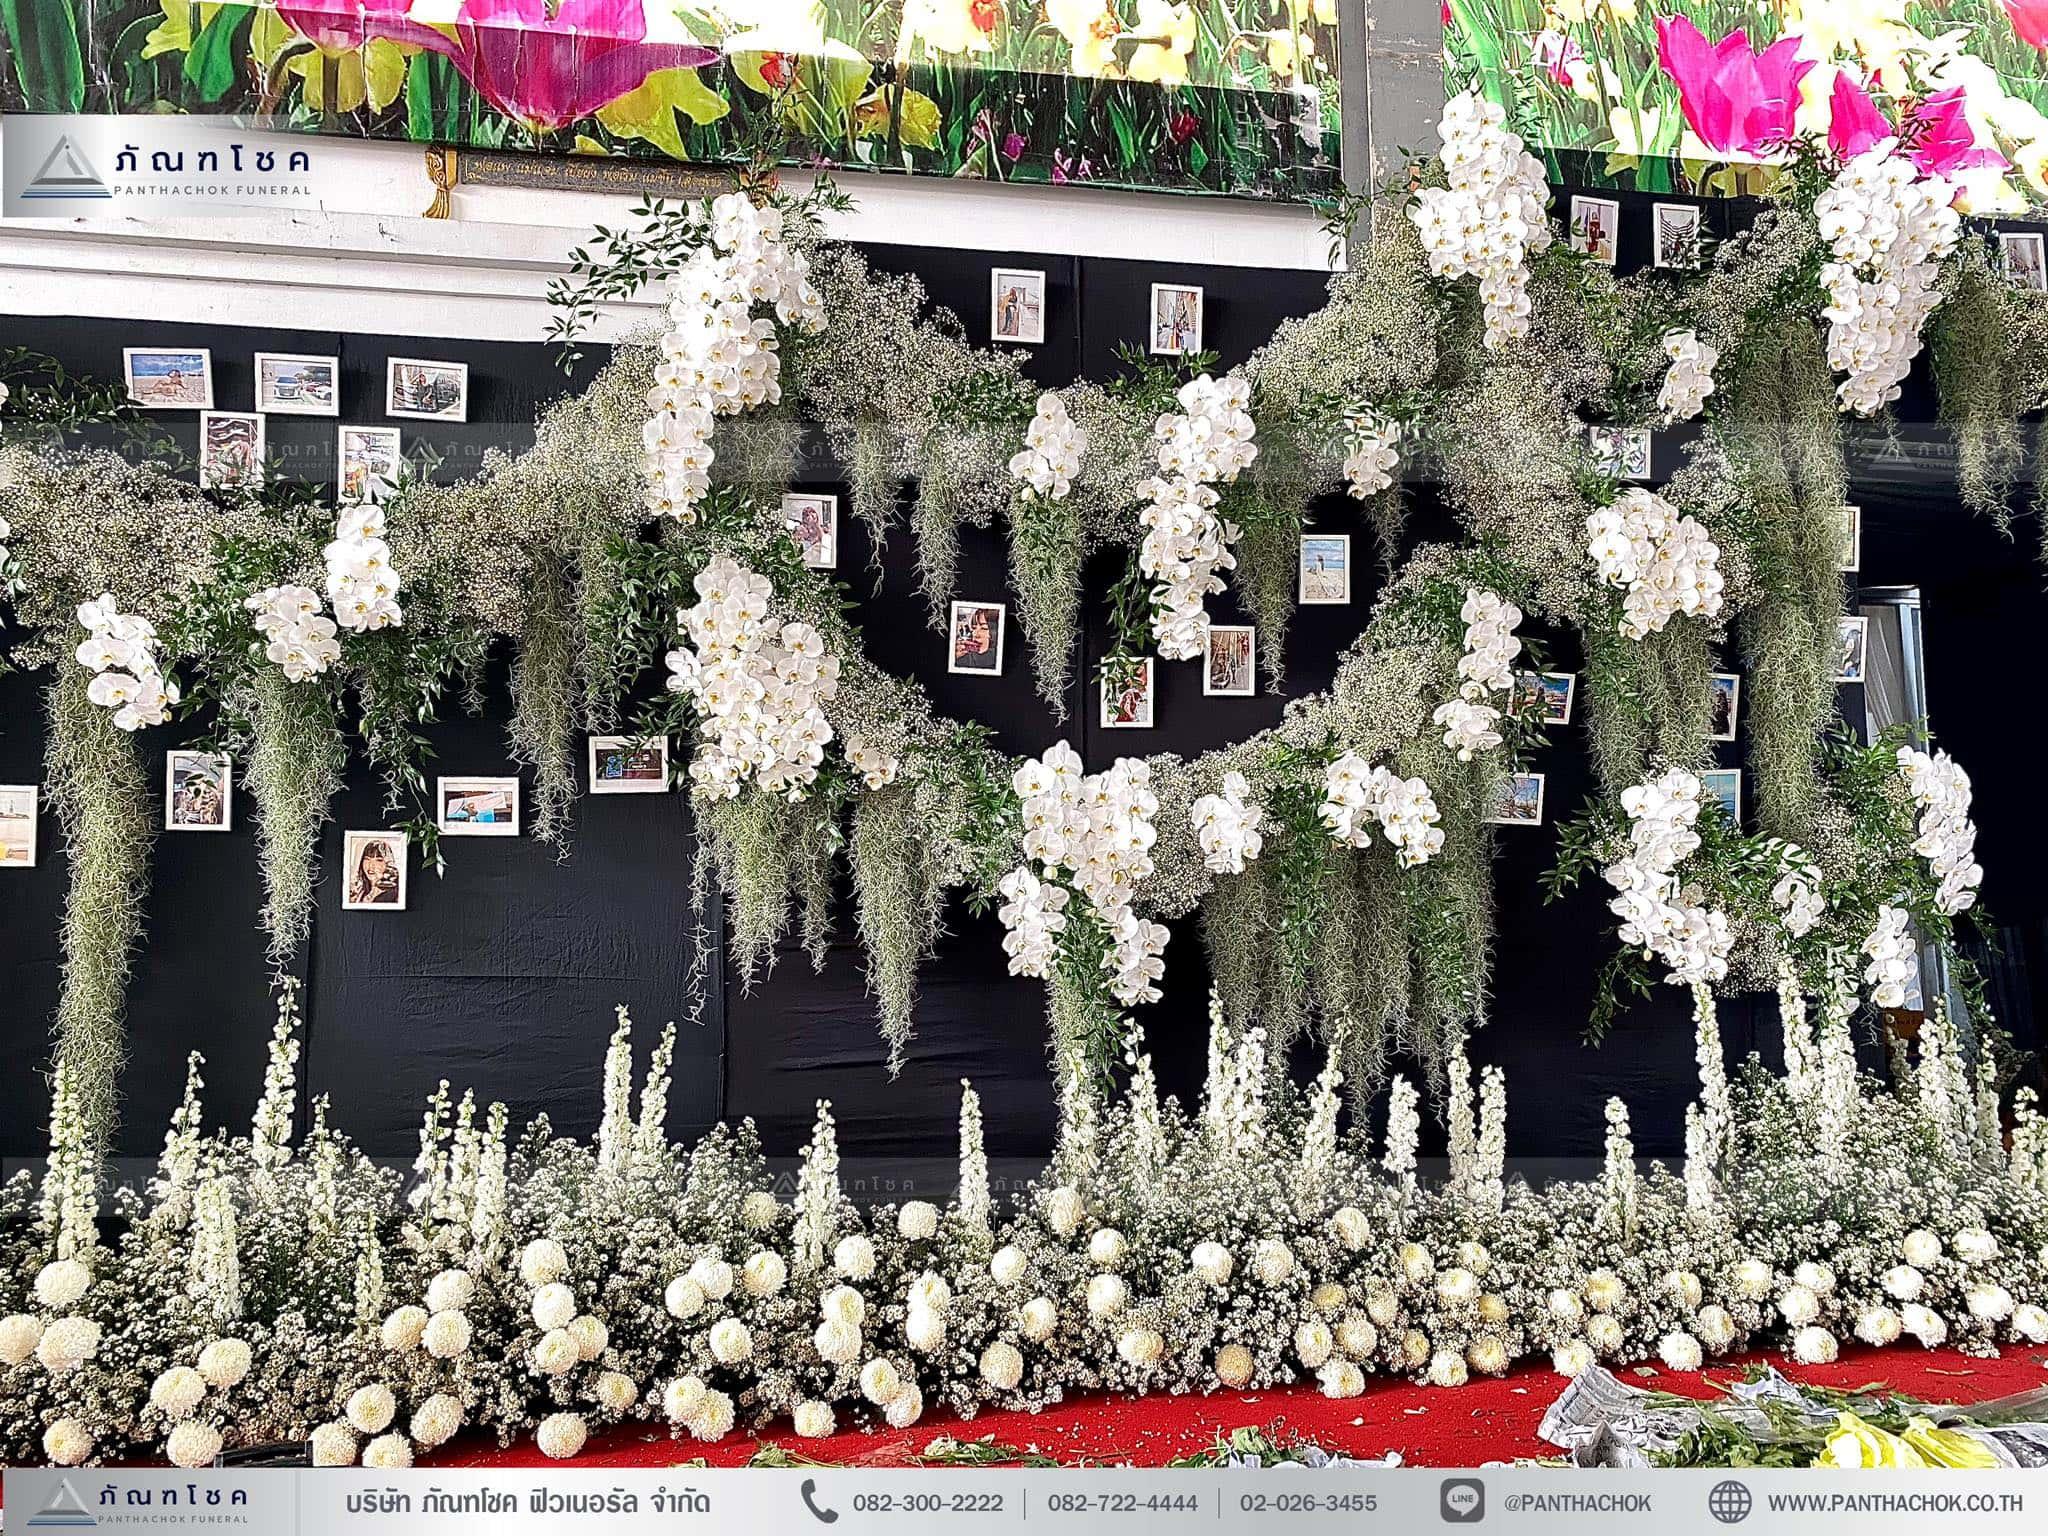 รับจัดดอกไม้งานศพ ดอกไม้หน้าศพ